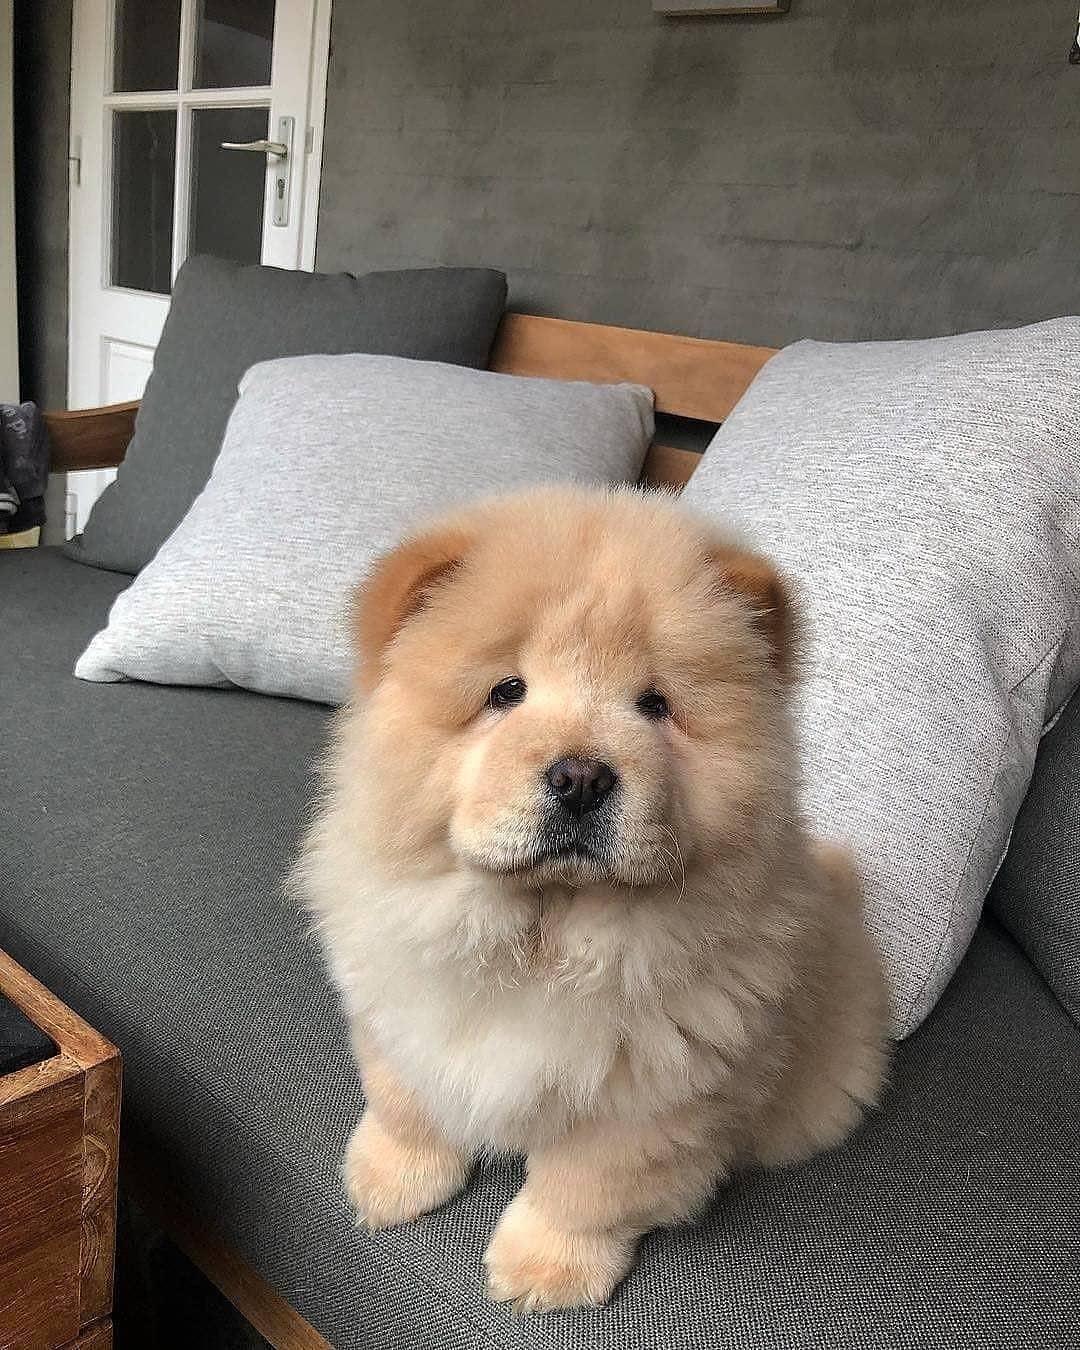 Dinh dưỡng cho chó Chow Chow từ 3-6 tháng tuổi